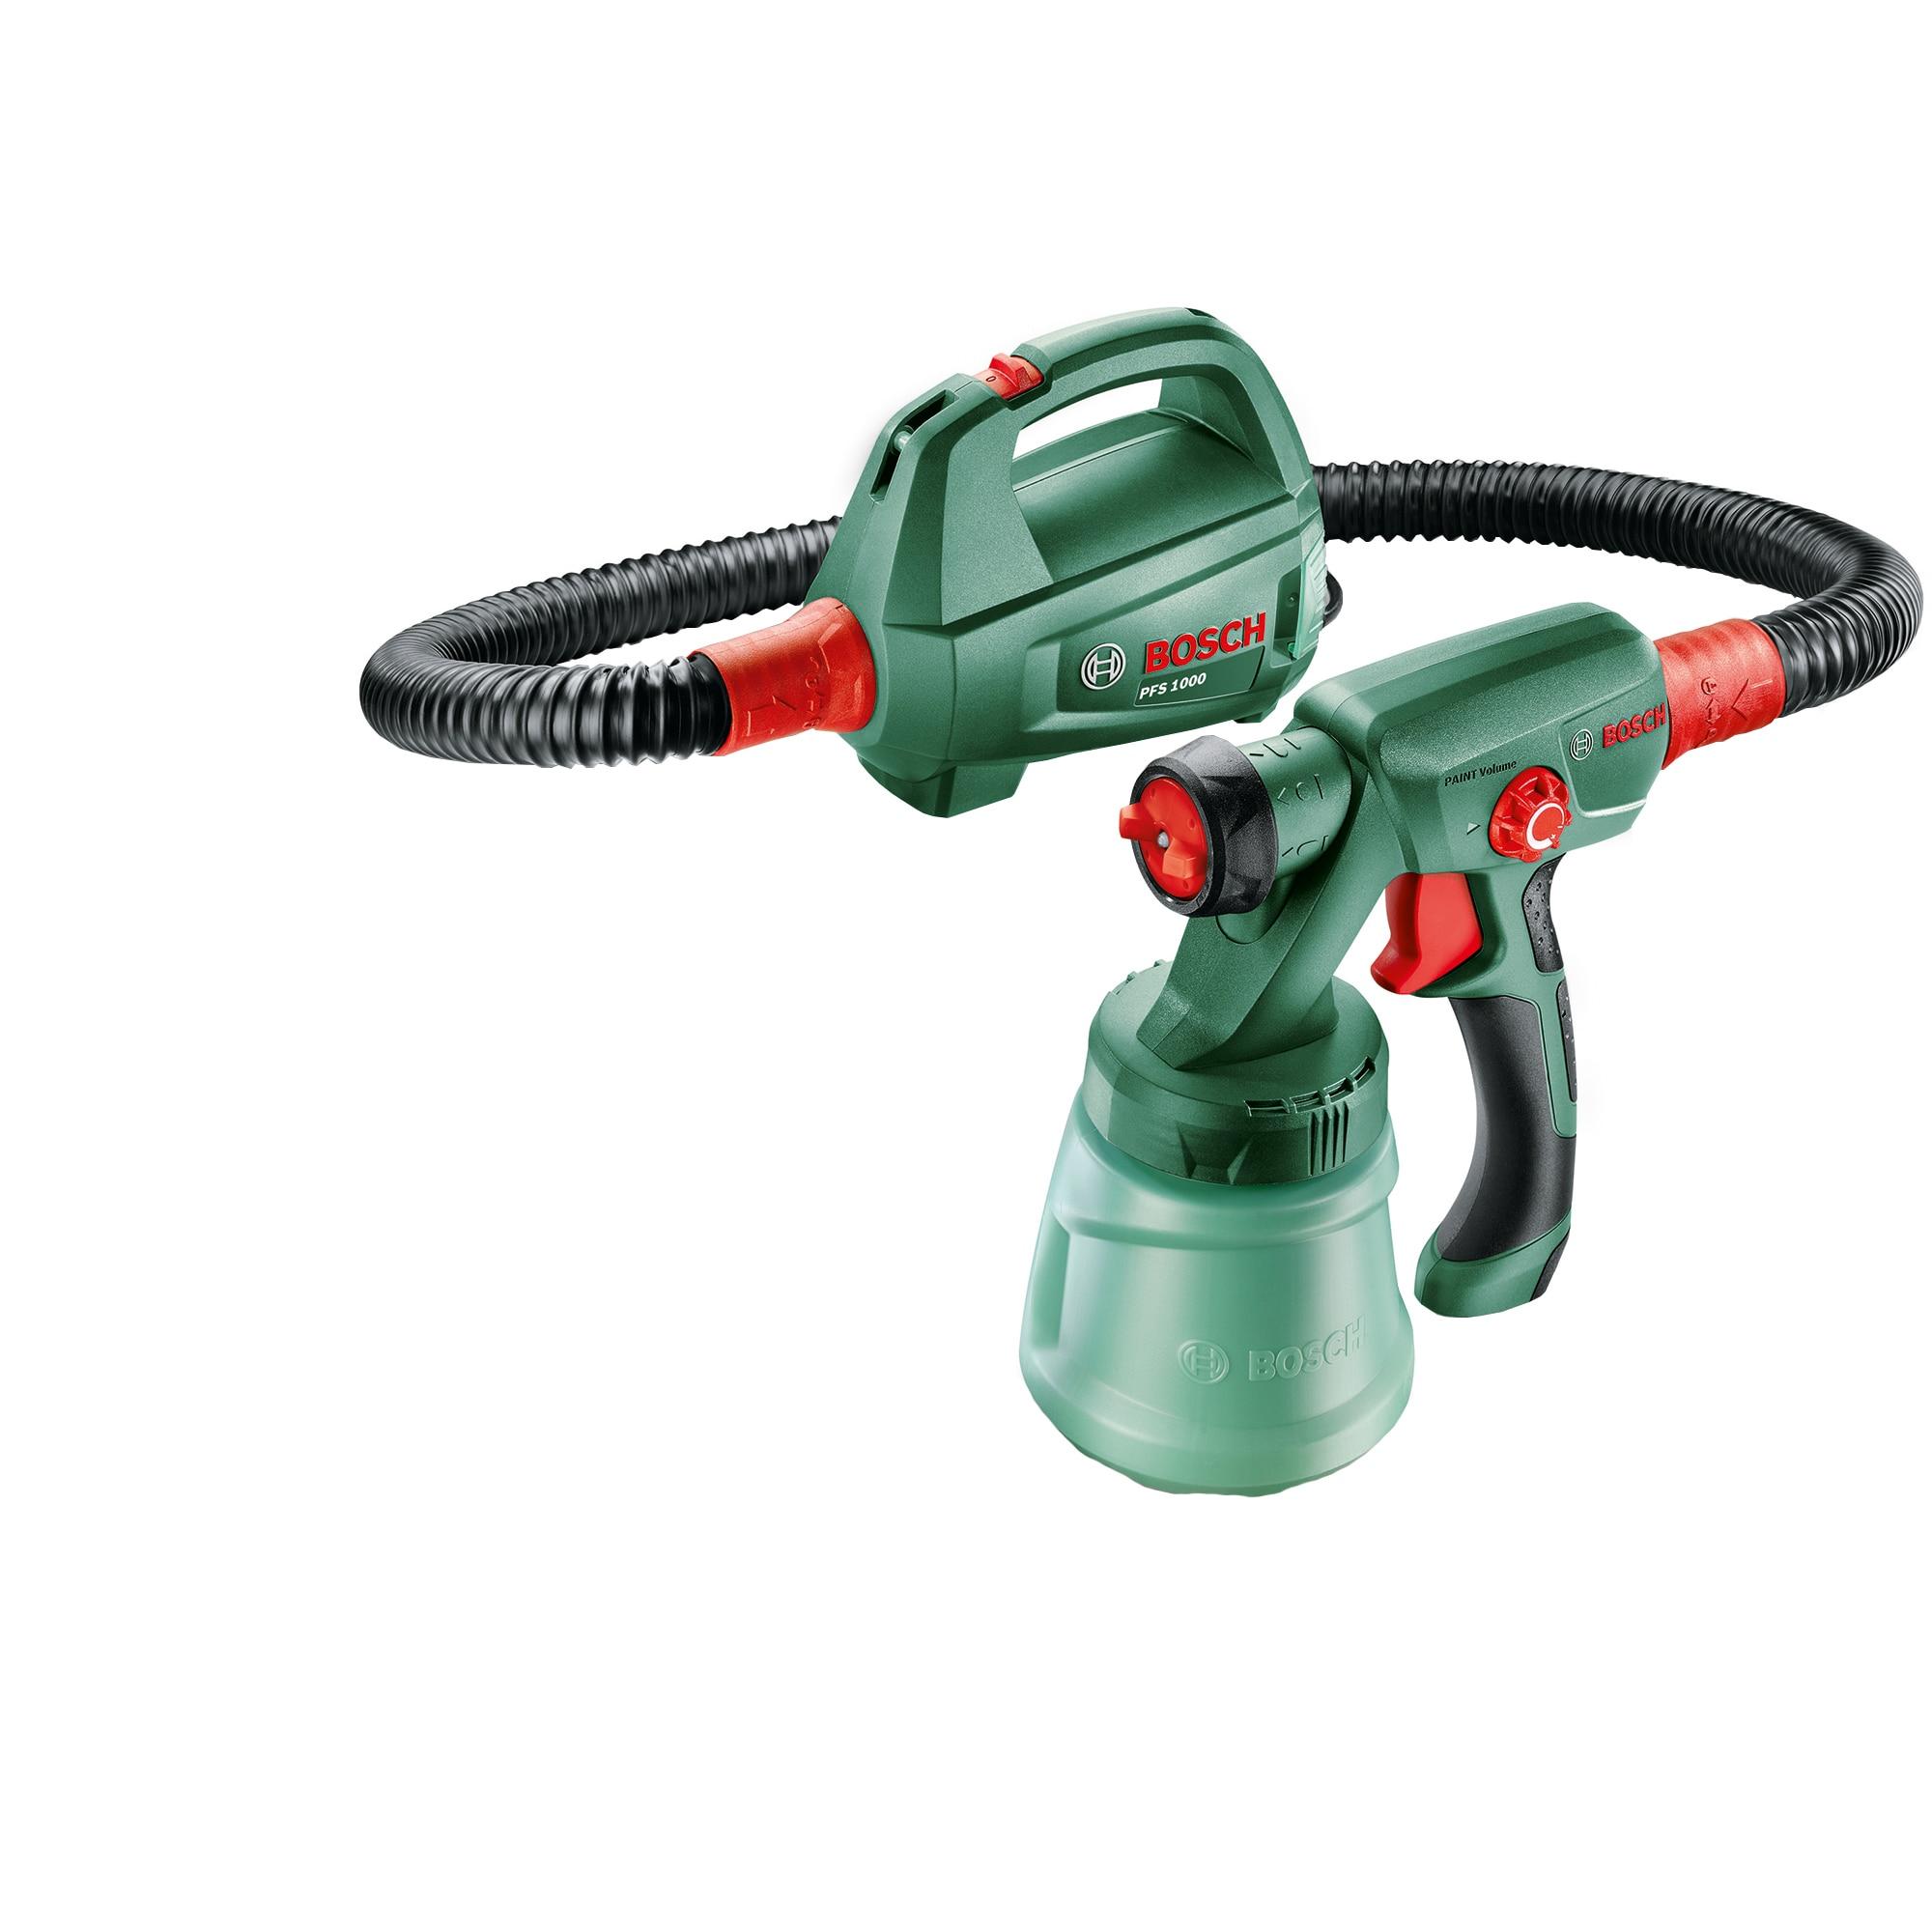 Fotografie Pistol de vopsit Bosch PFS 1000, 410 W, 800 ml capacitate rezervor, 100 ml/min capacitate pompare, 1.3 m lungime furtun + duza pentru vopsele